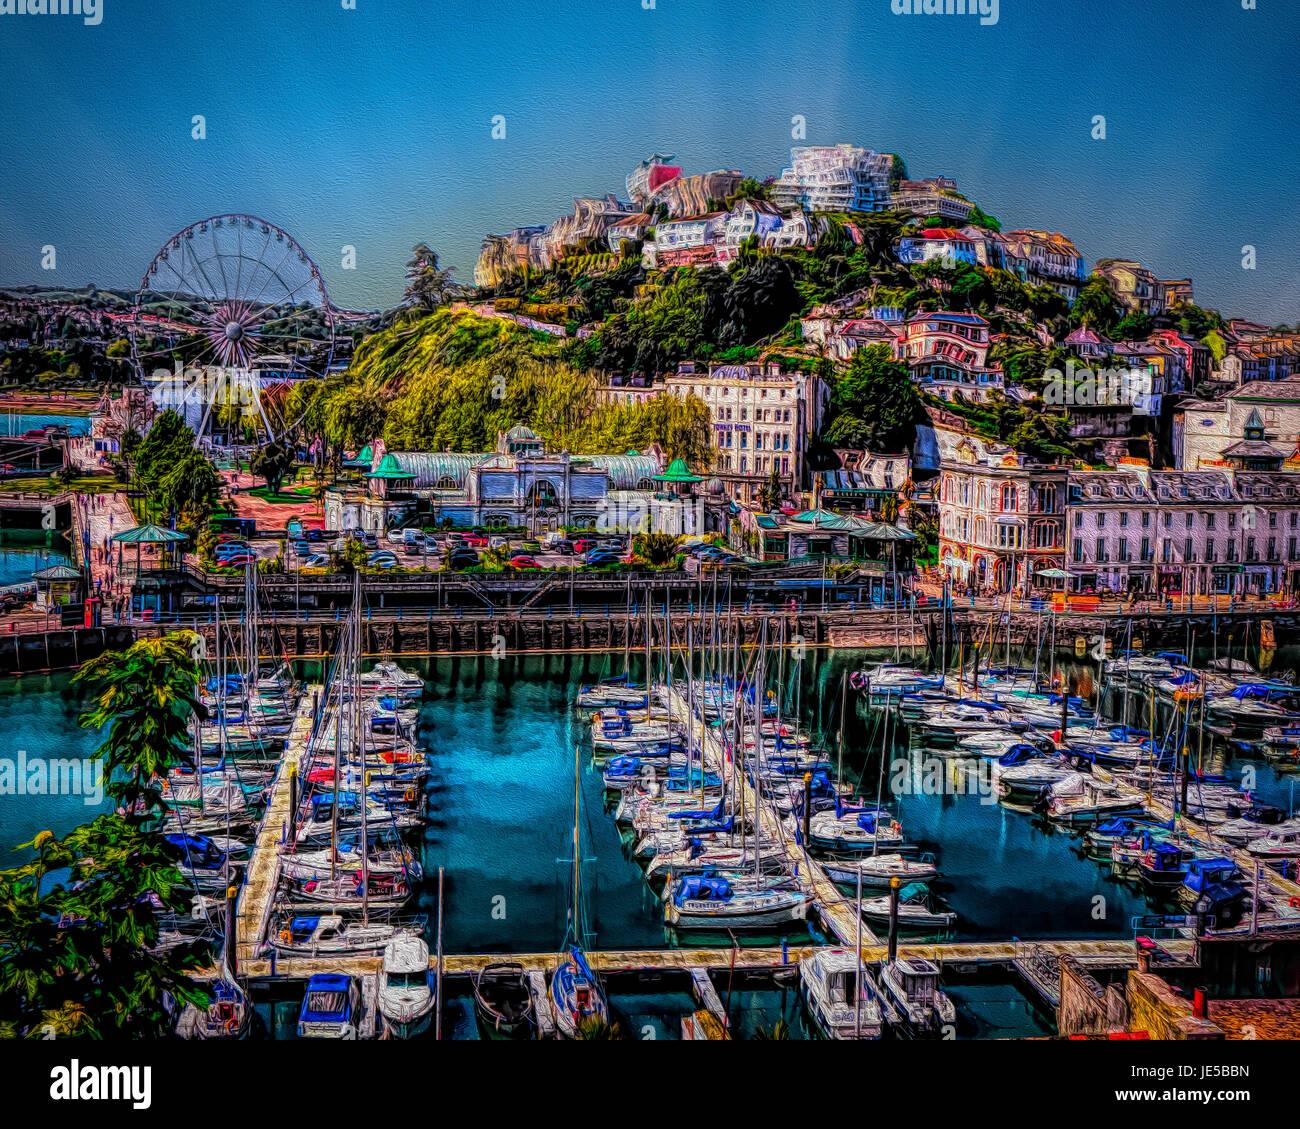 L'art numérique: Le port de Torquay, Devon, Grande Bretagne Photo Stock